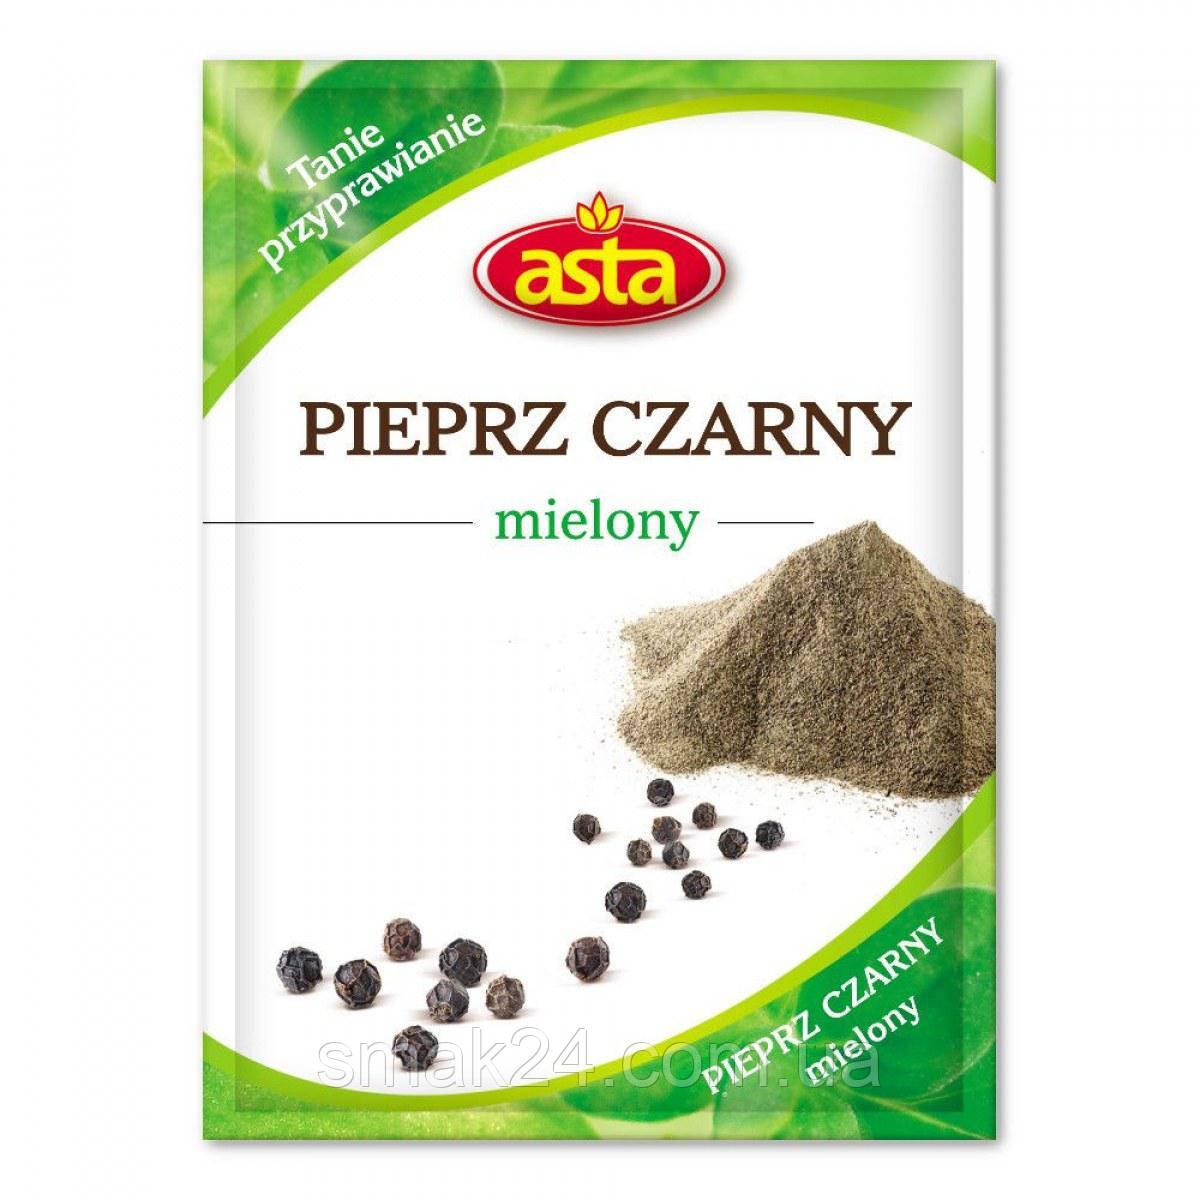 Перец черный молотый Pieprz Czarny Asta Польша 15г